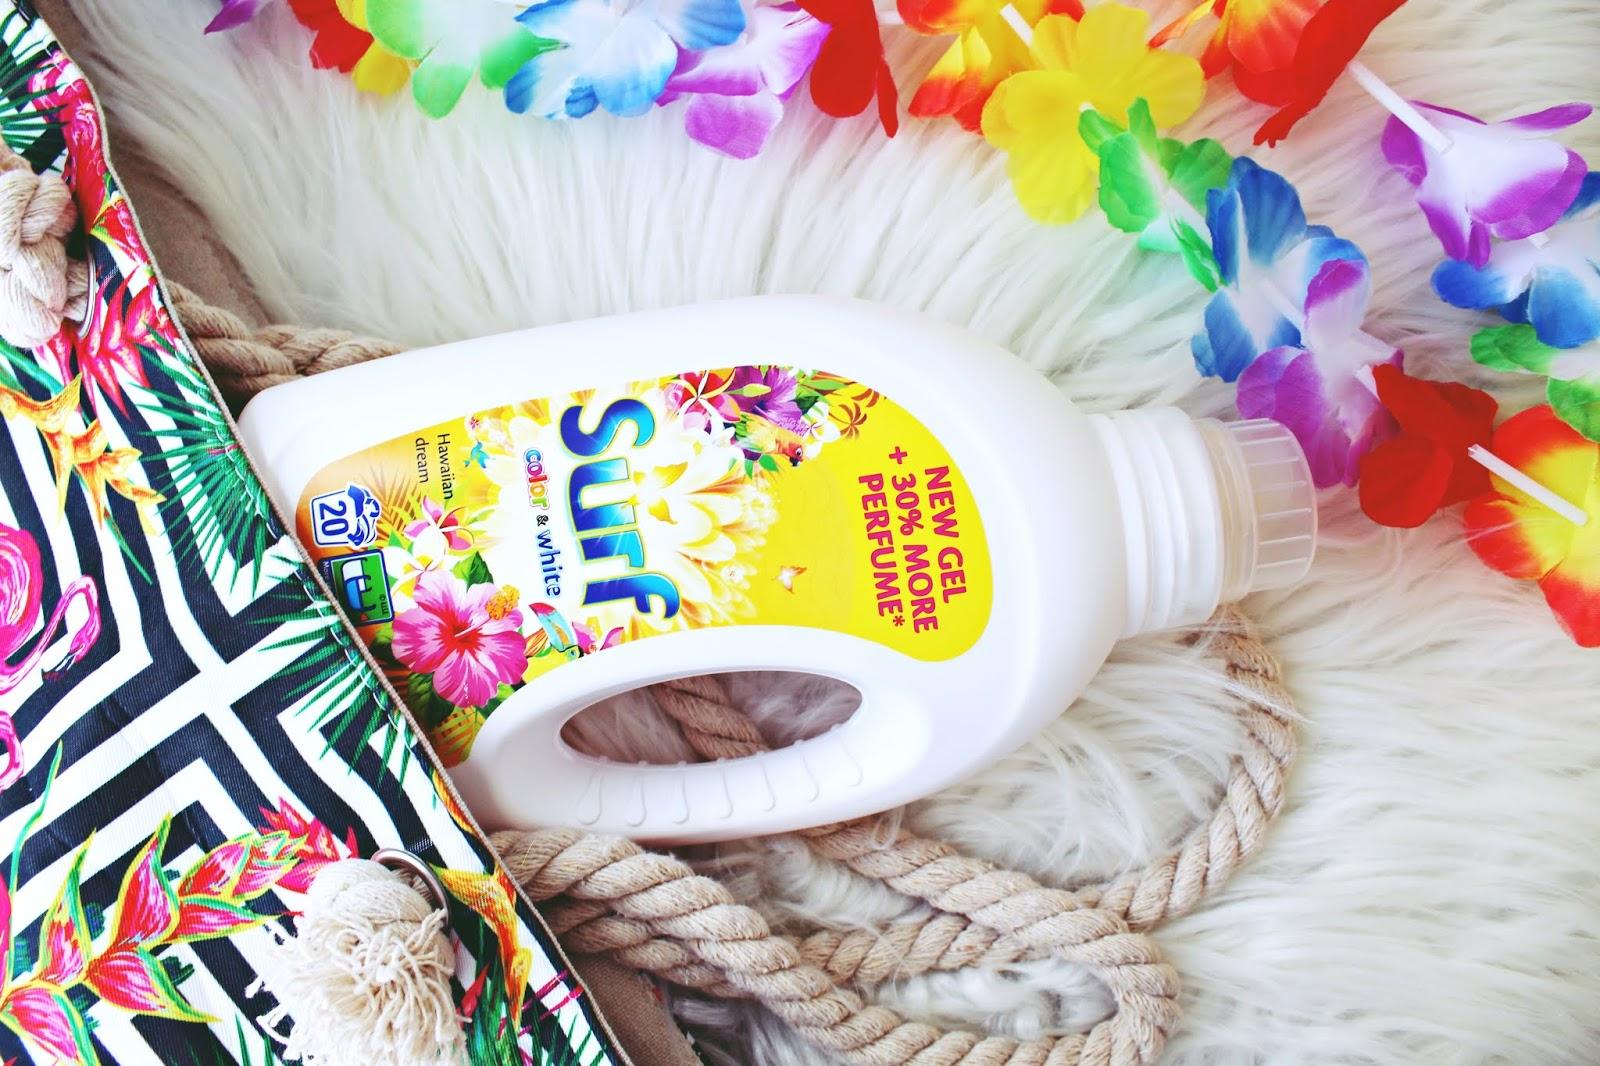 NOWOŚĆ! SURF HAWAIIAN DREAM - pierwszy produkt do prania rzeczy białych i kolorowych